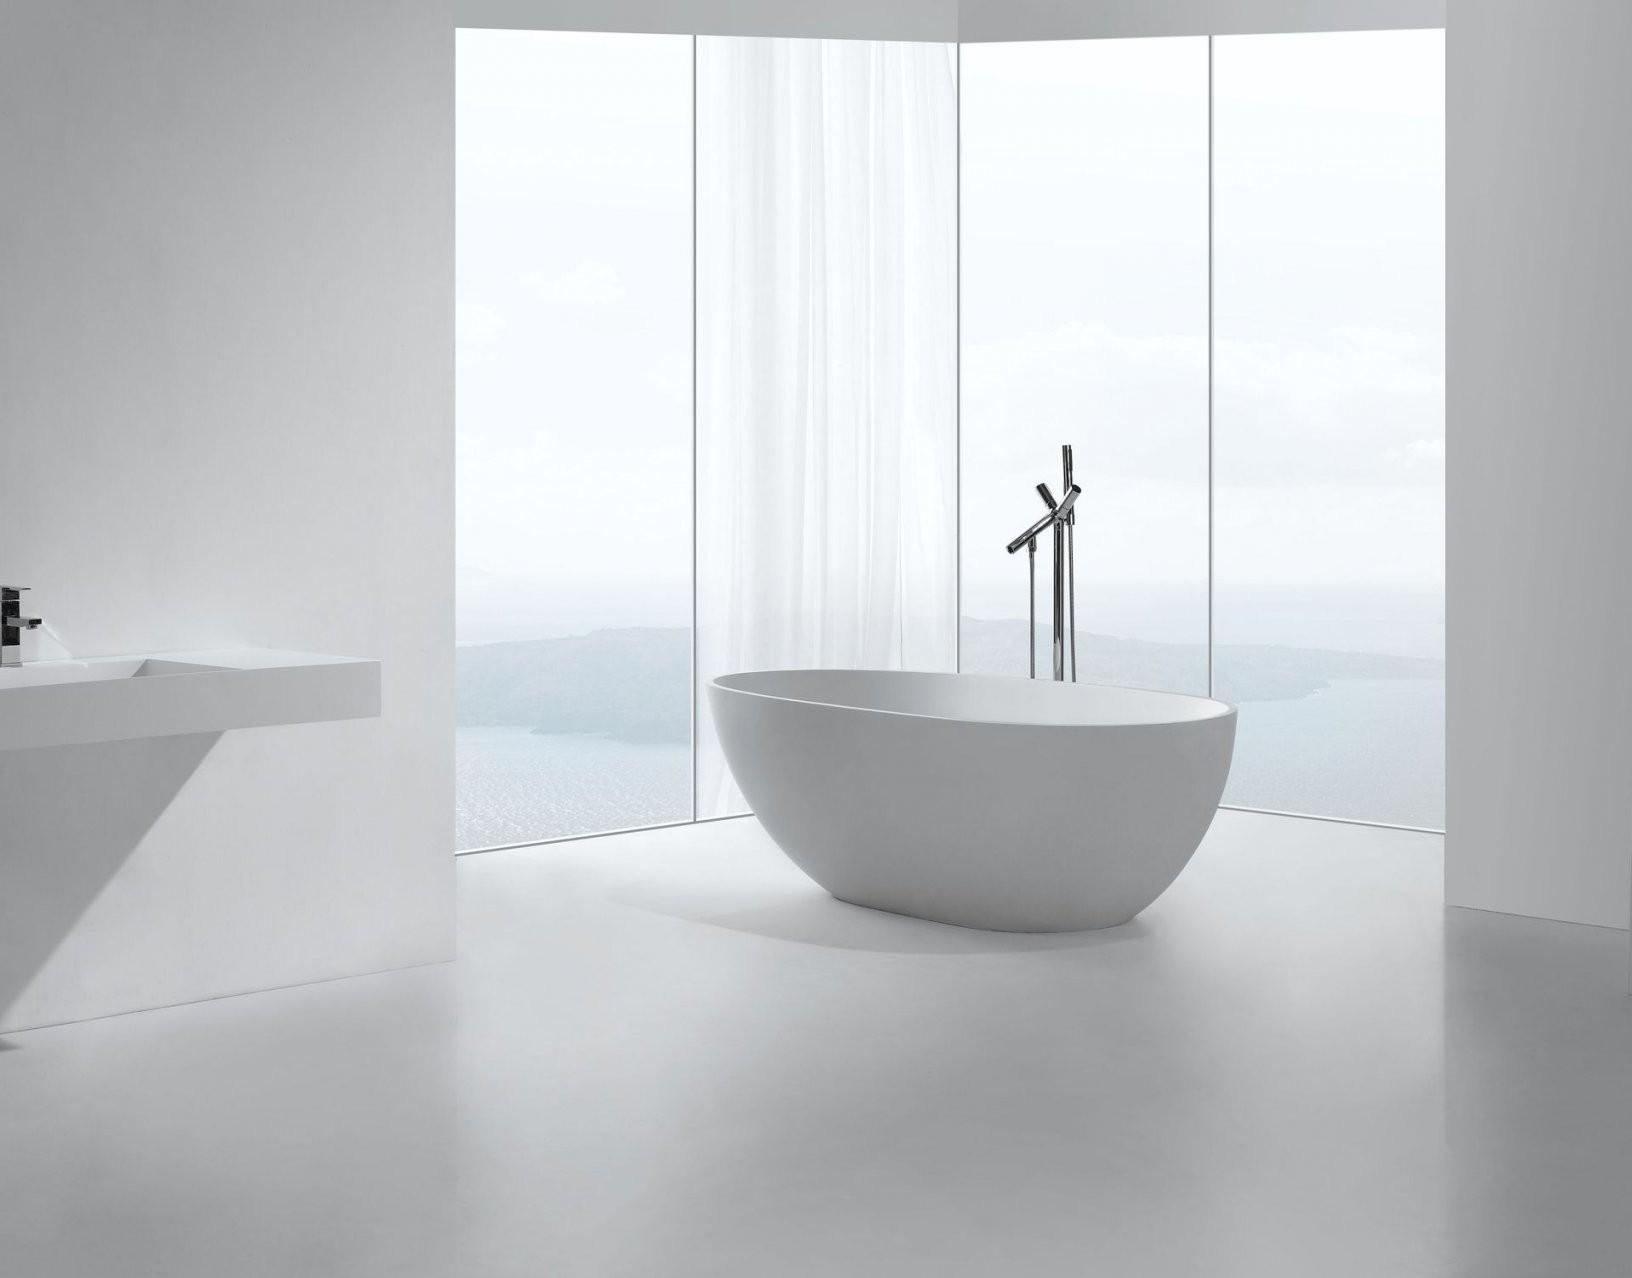 Freistehende Badewanne Bwix118 von Duravit Freistehende Badewanne Bild